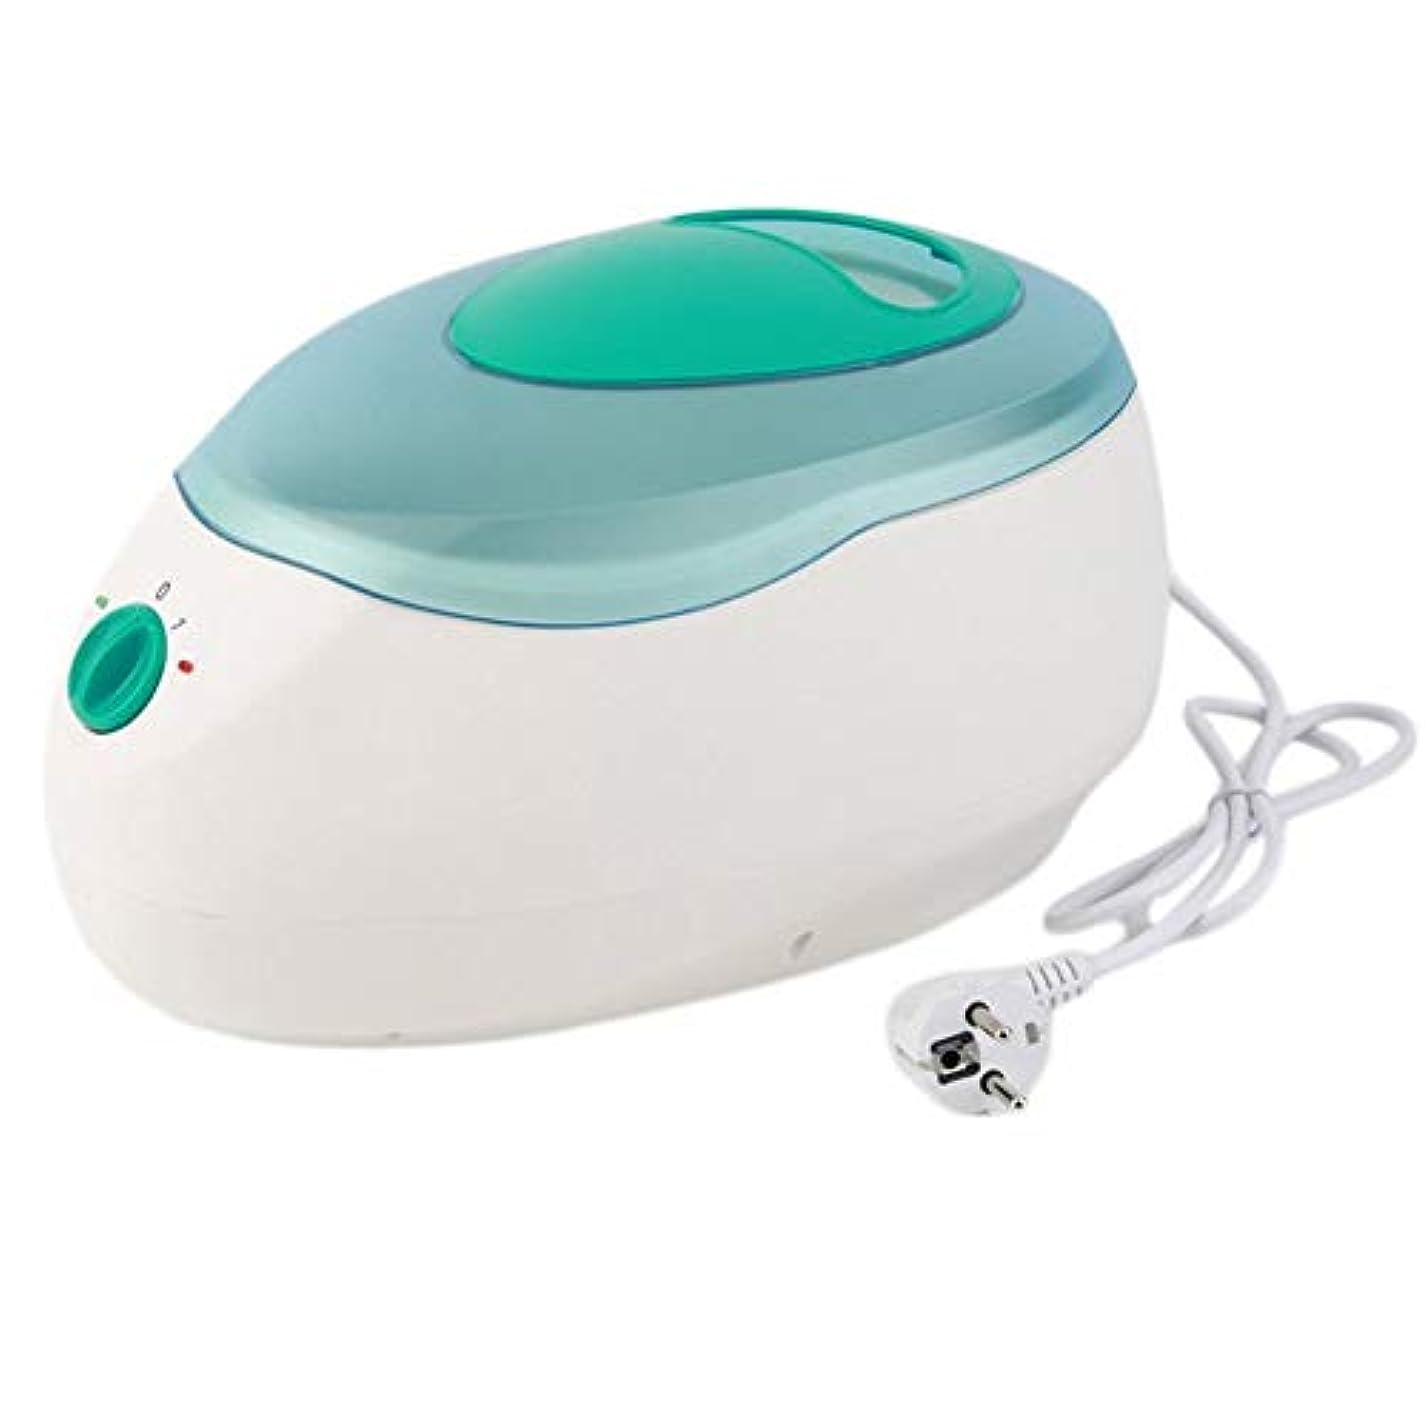 通信網不正直テキスト手および足ボディワックスの毛の取り外しのためのワックス機械パラフィン療法の浴のワックスの鍋のウォーマーの美容院装置の鉱泉150W,グリーン